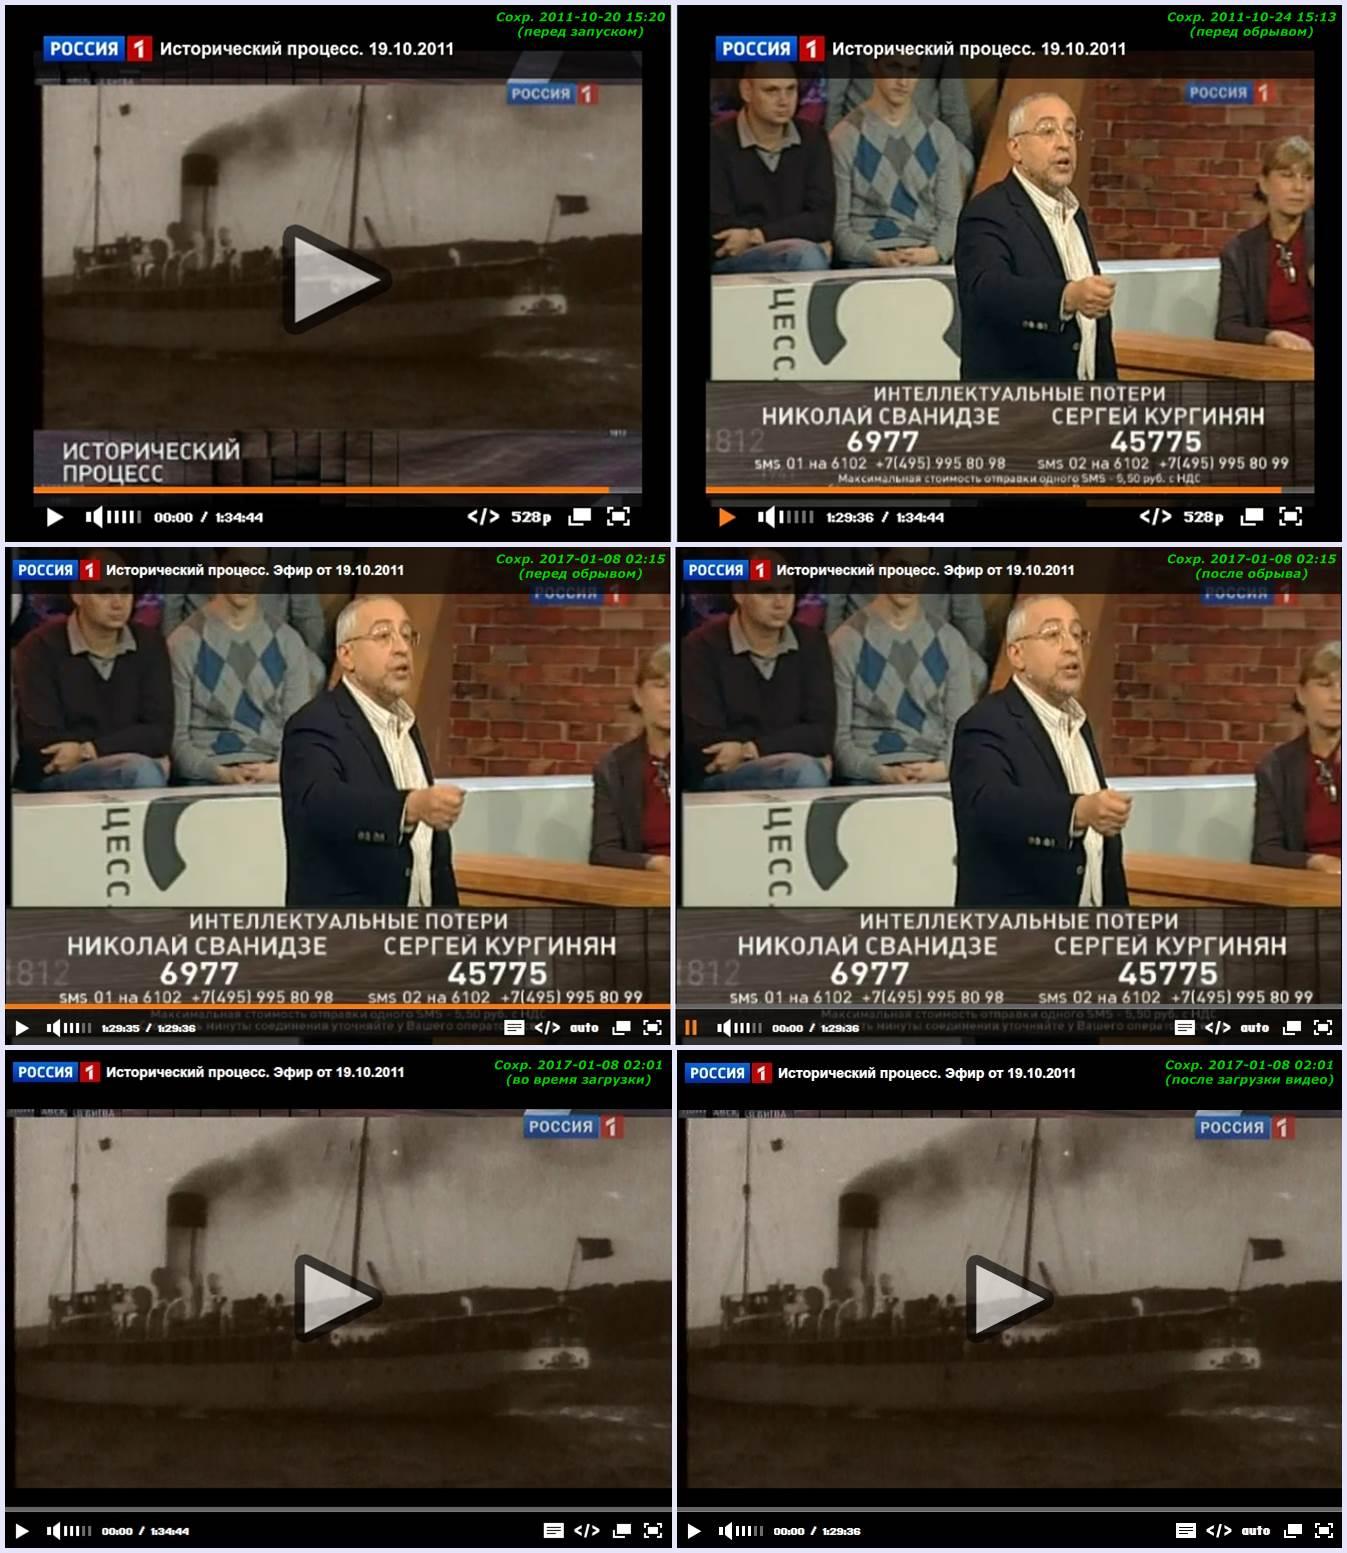 20111019-Исторический процесс-10